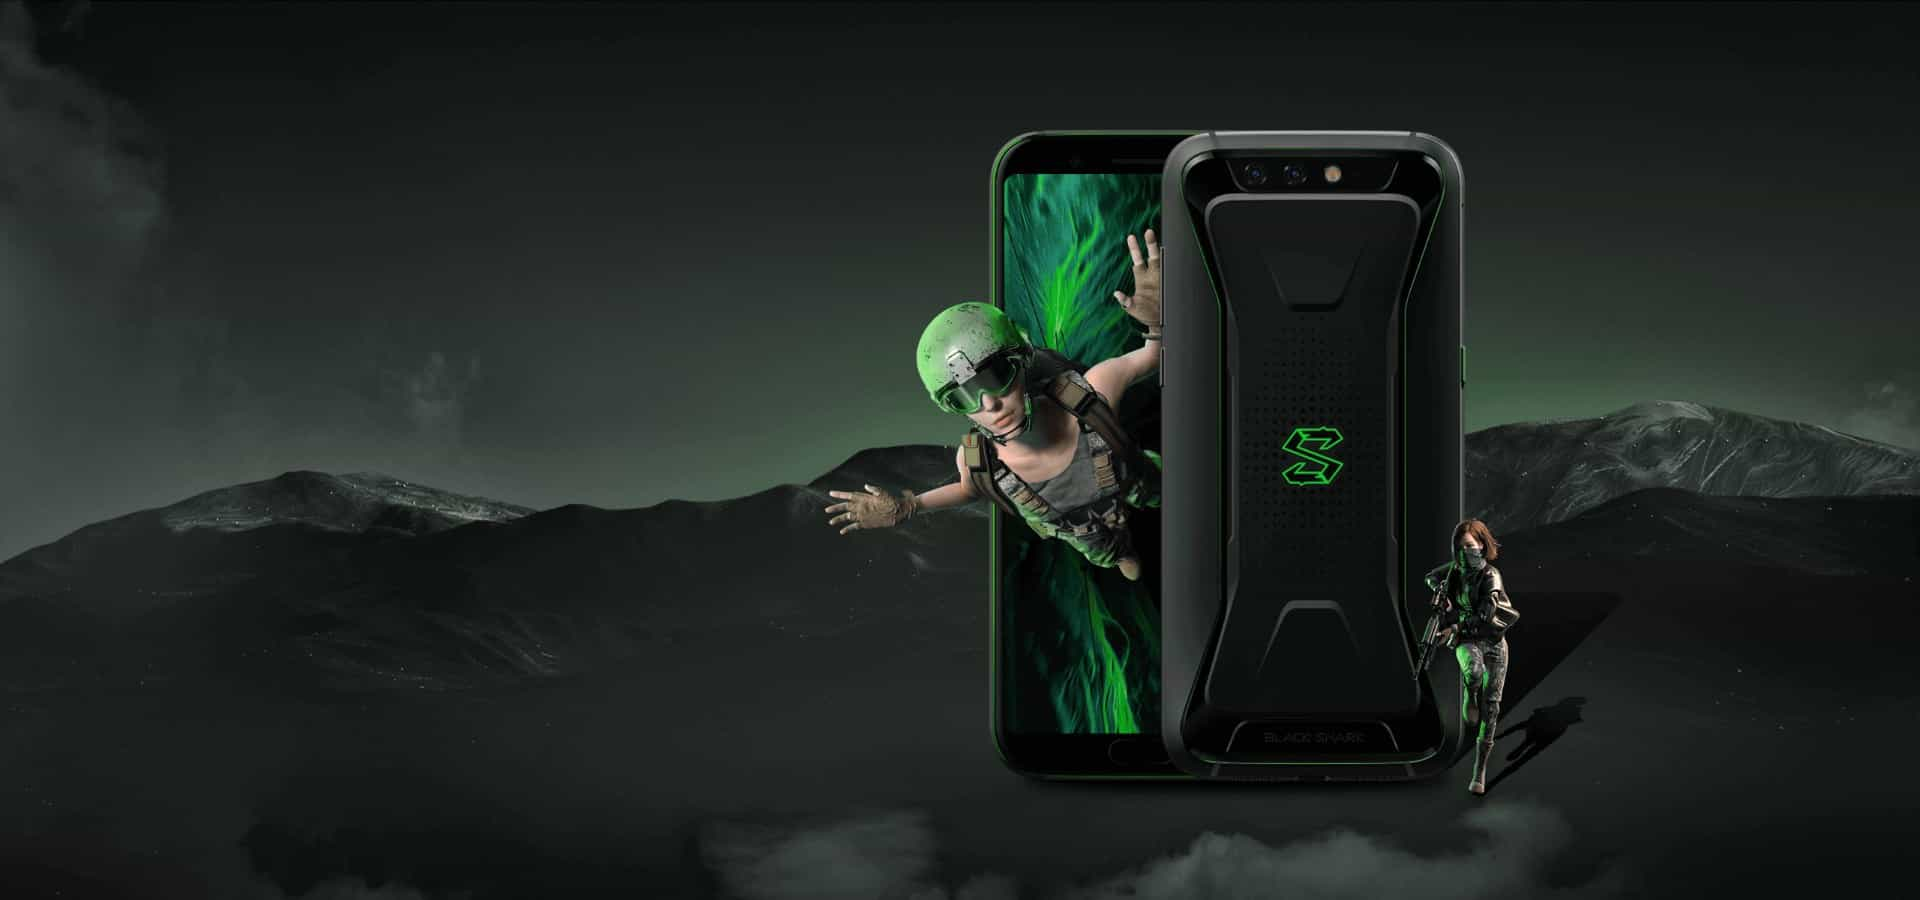 Blackshark, o novo smartphone da Xiaomi focado no 'gaming'